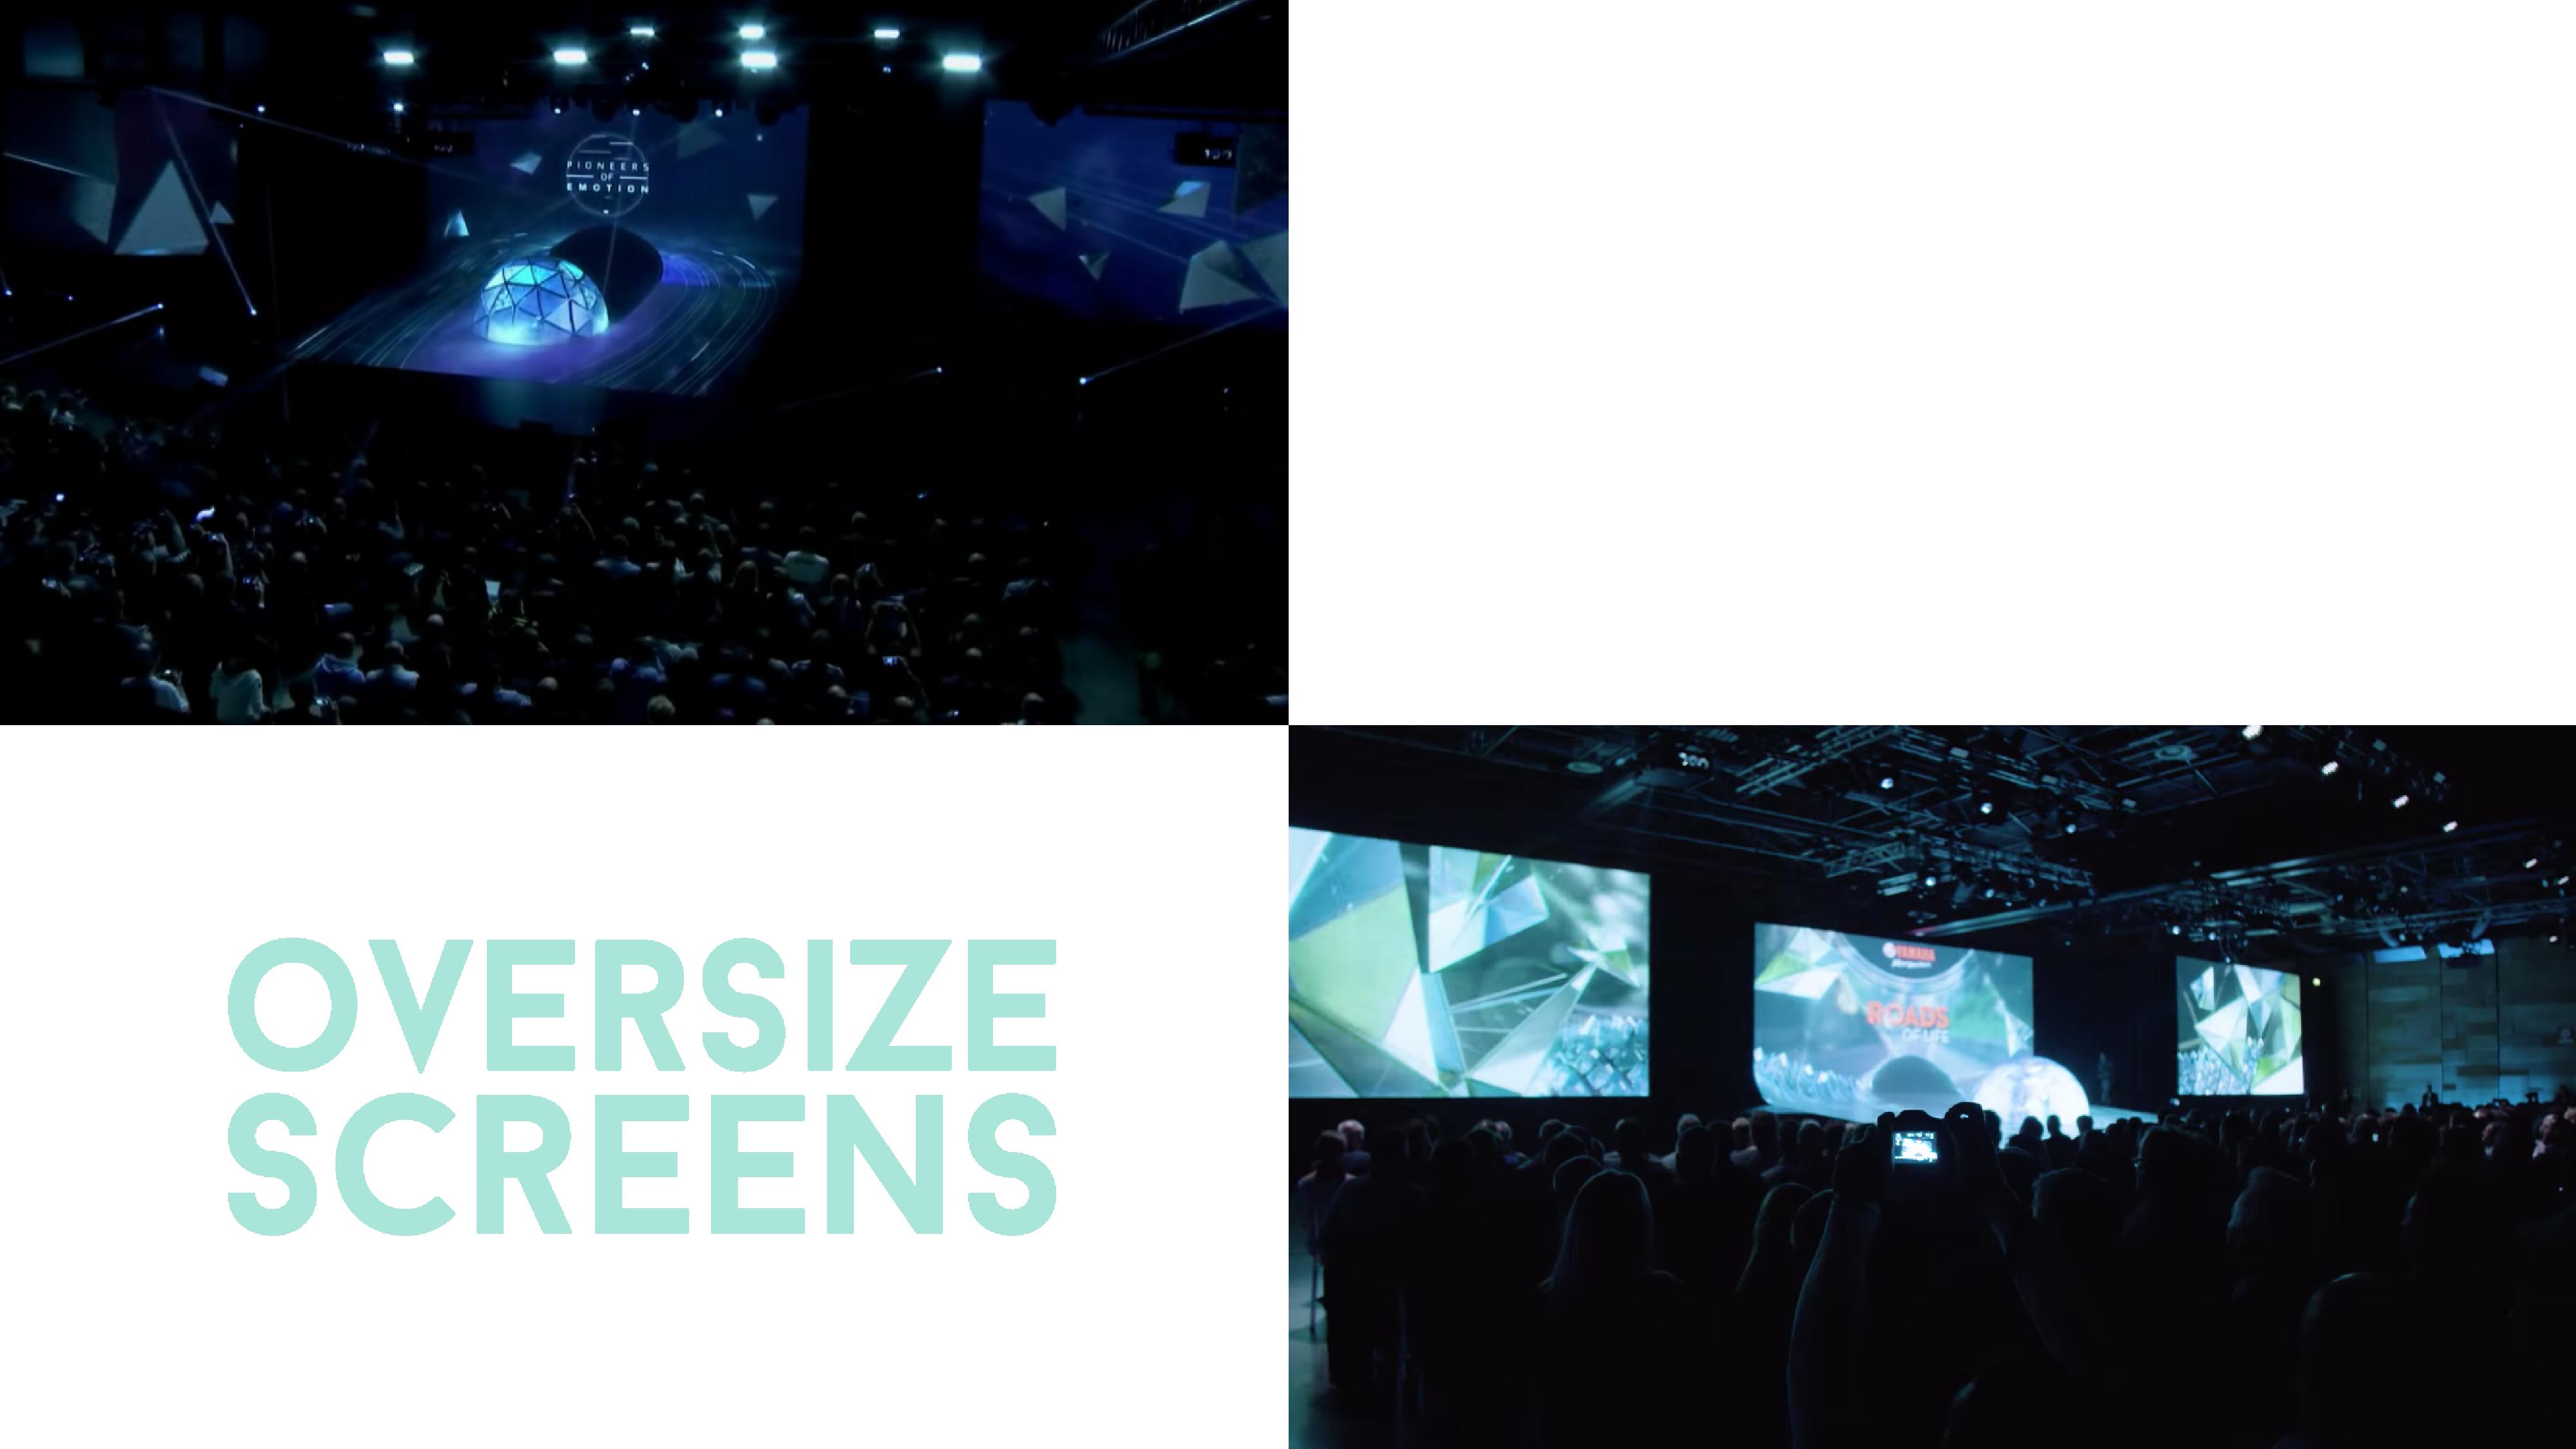 woa semisphere mapping